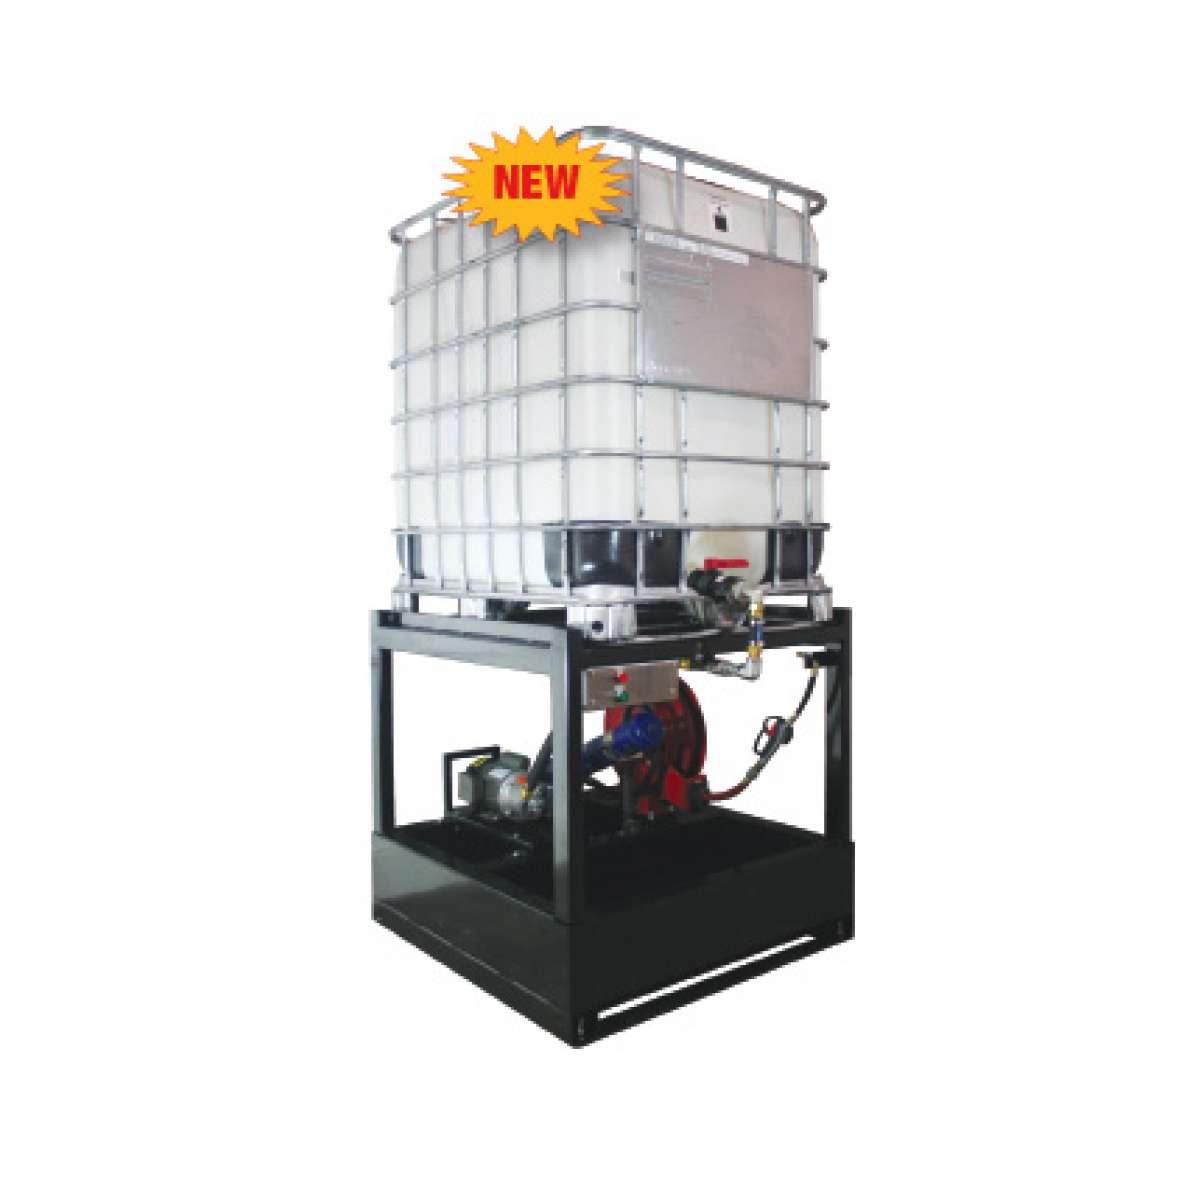 Tote Dispensing Rack - 110V